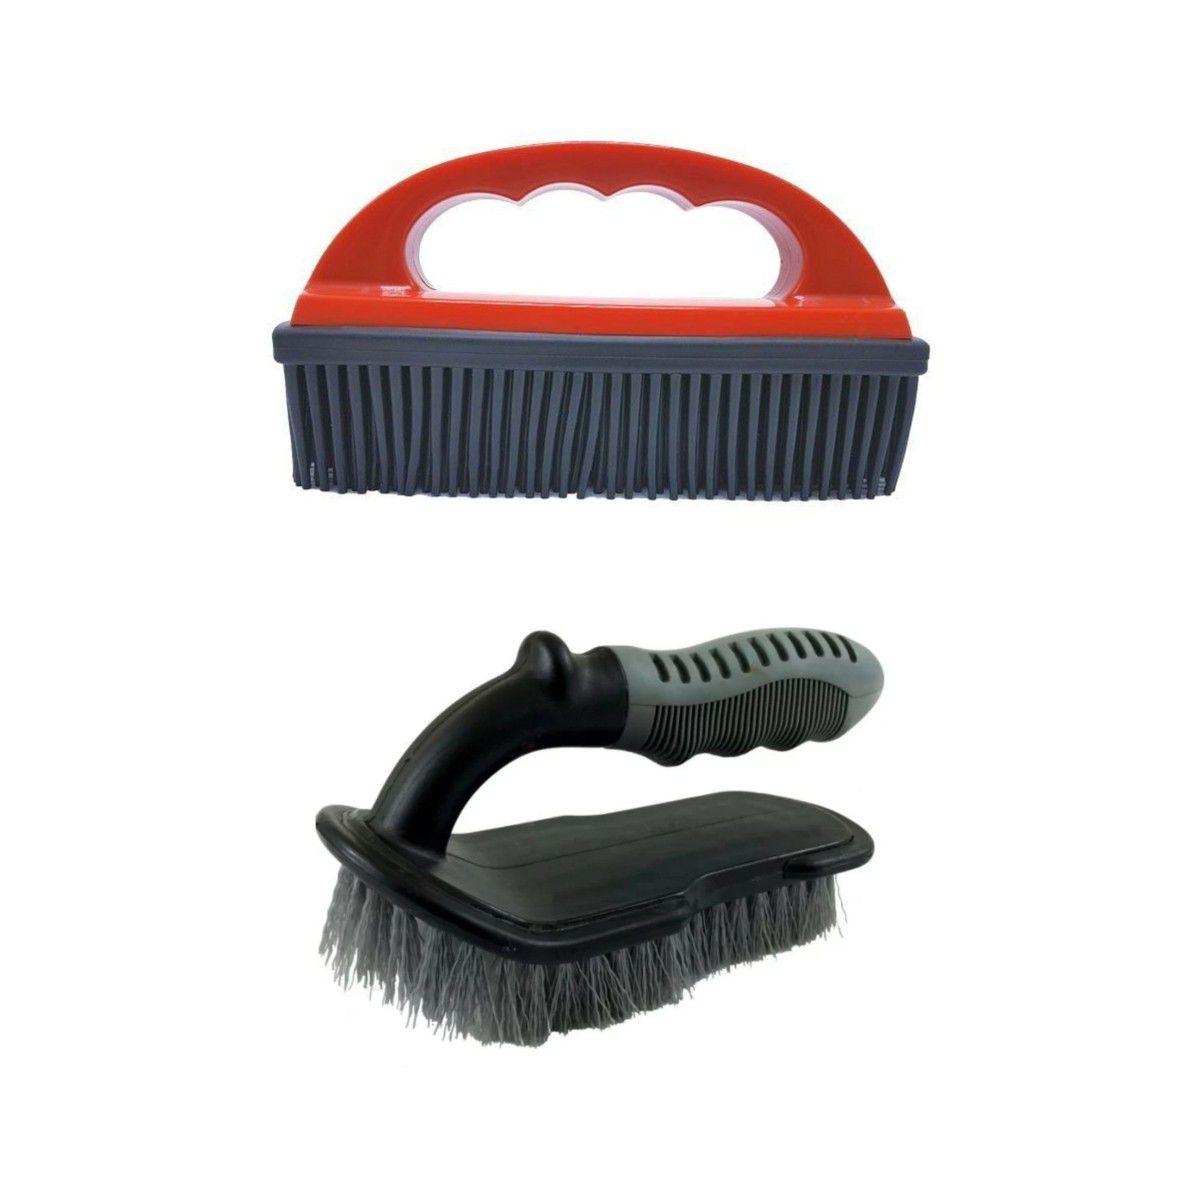 Kit Escovas Para Lavagem Automotiva Em Geral + Lâmina de Secagem